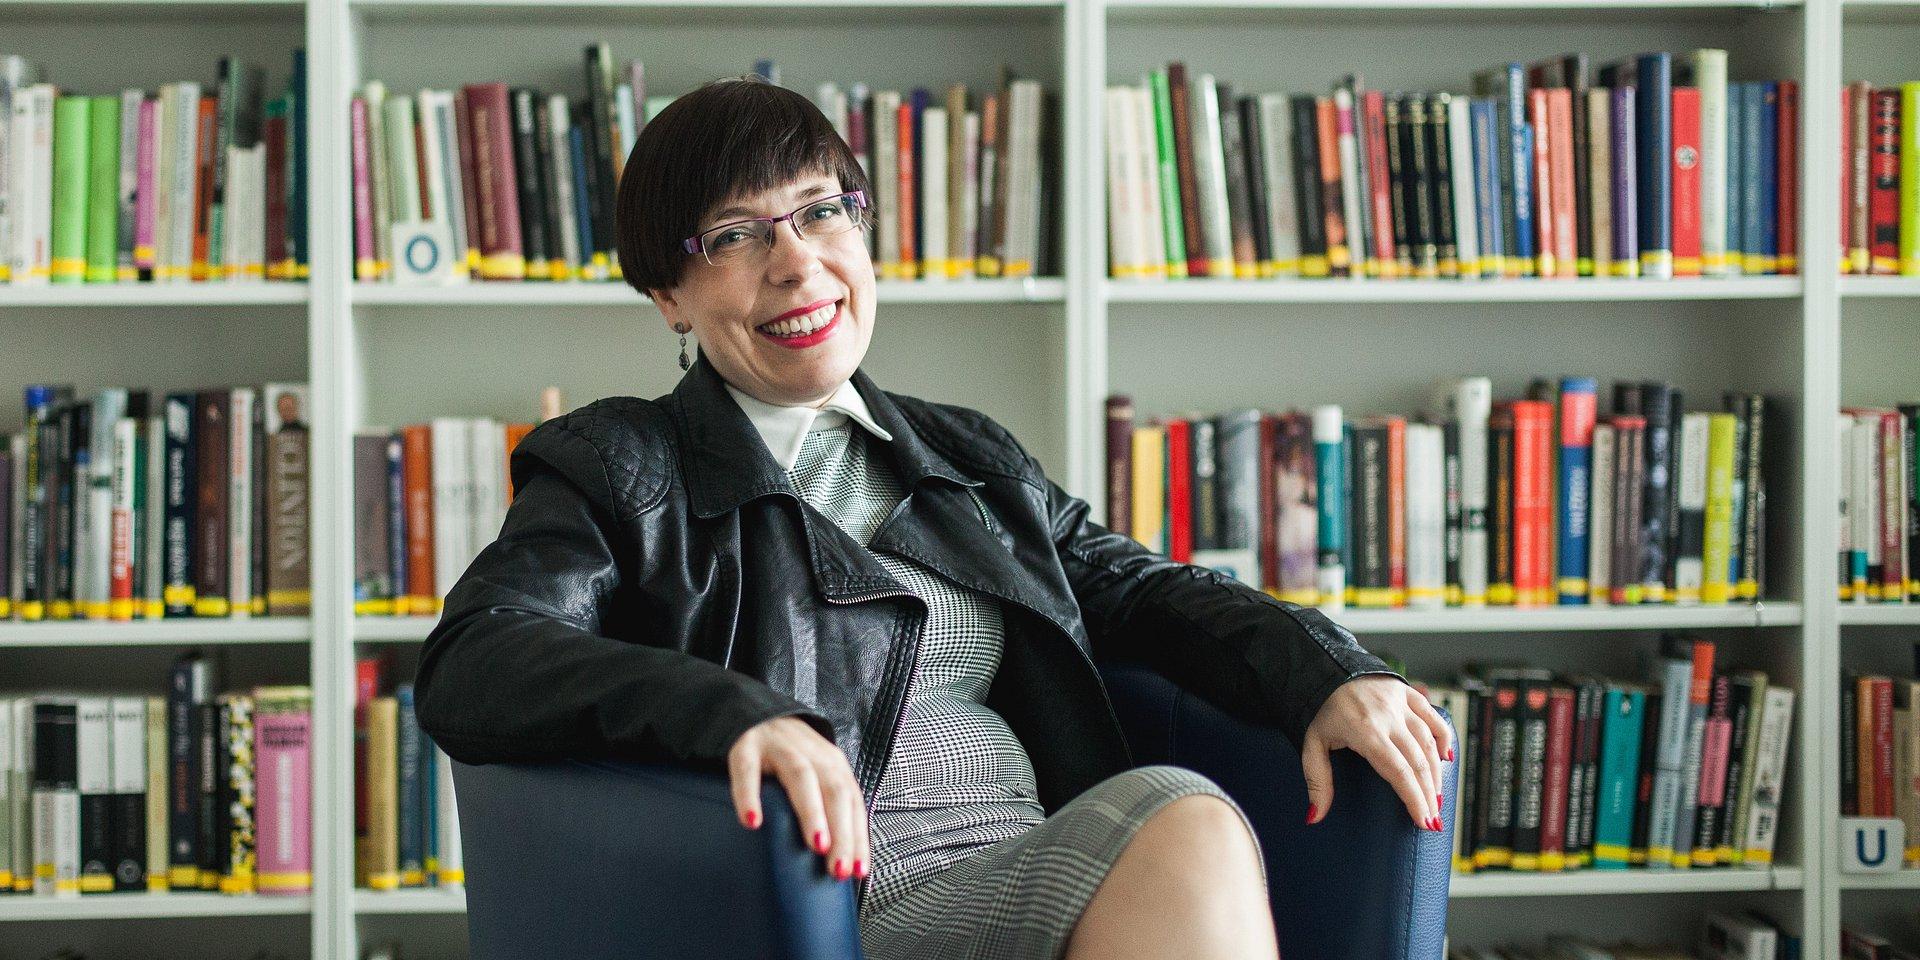 komunikacja nowomedialna: dr hab. Agnieszka Węglińska prof. DSW